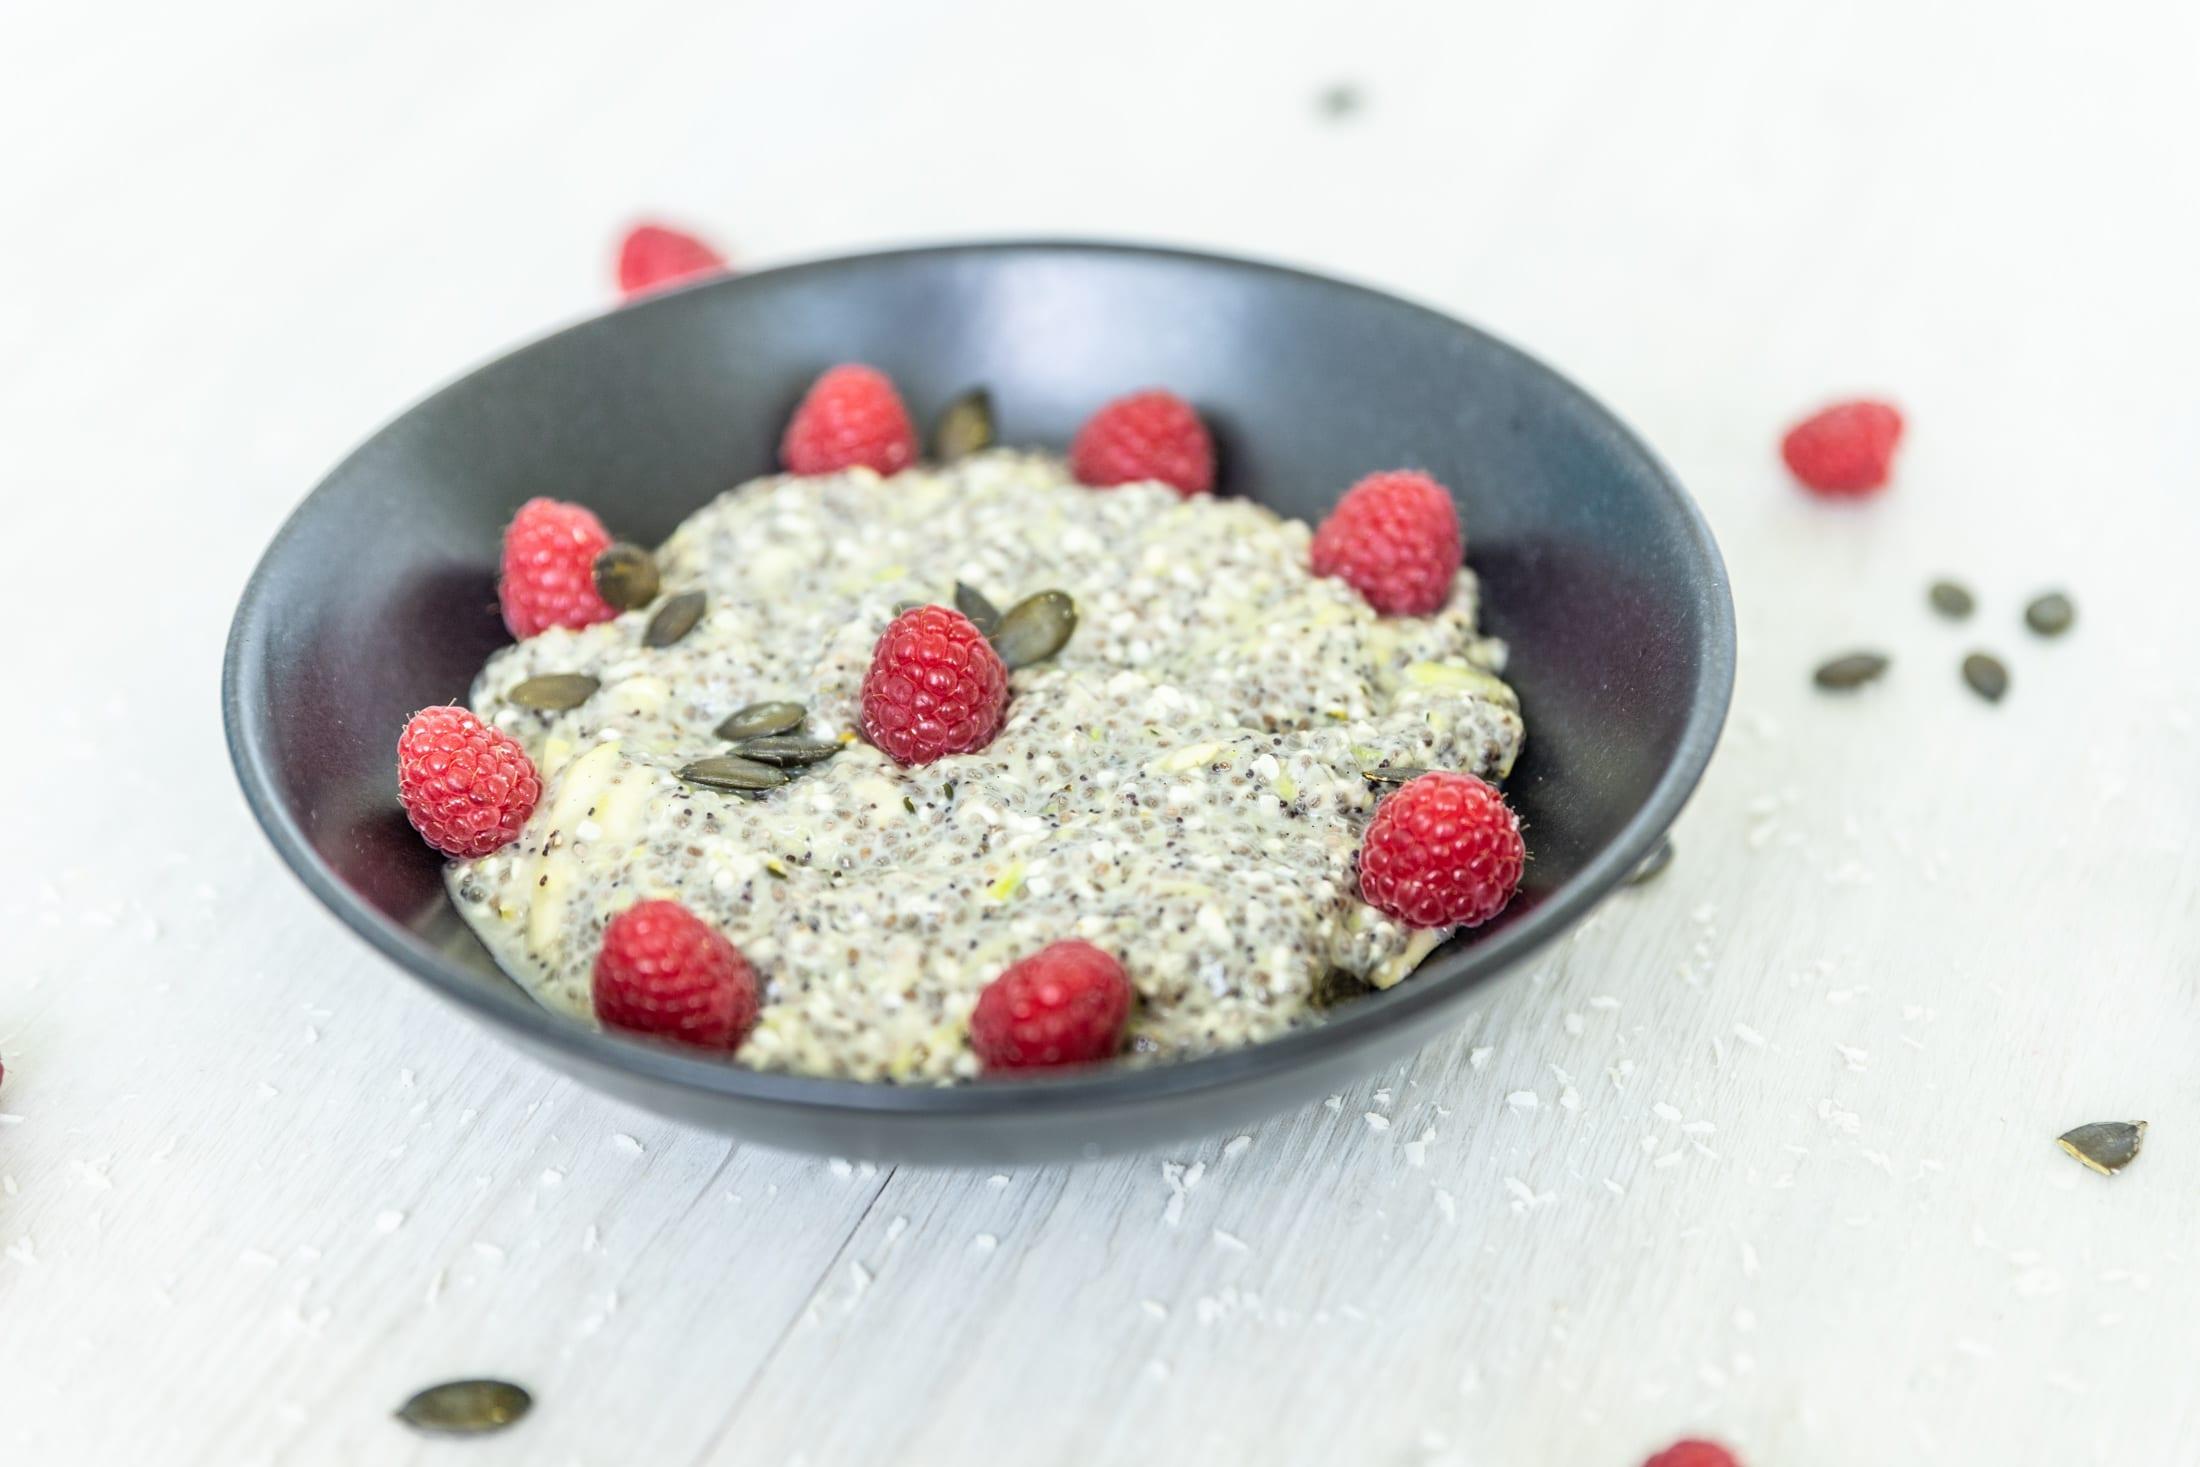 keto Zucchini-Chia-Porridge